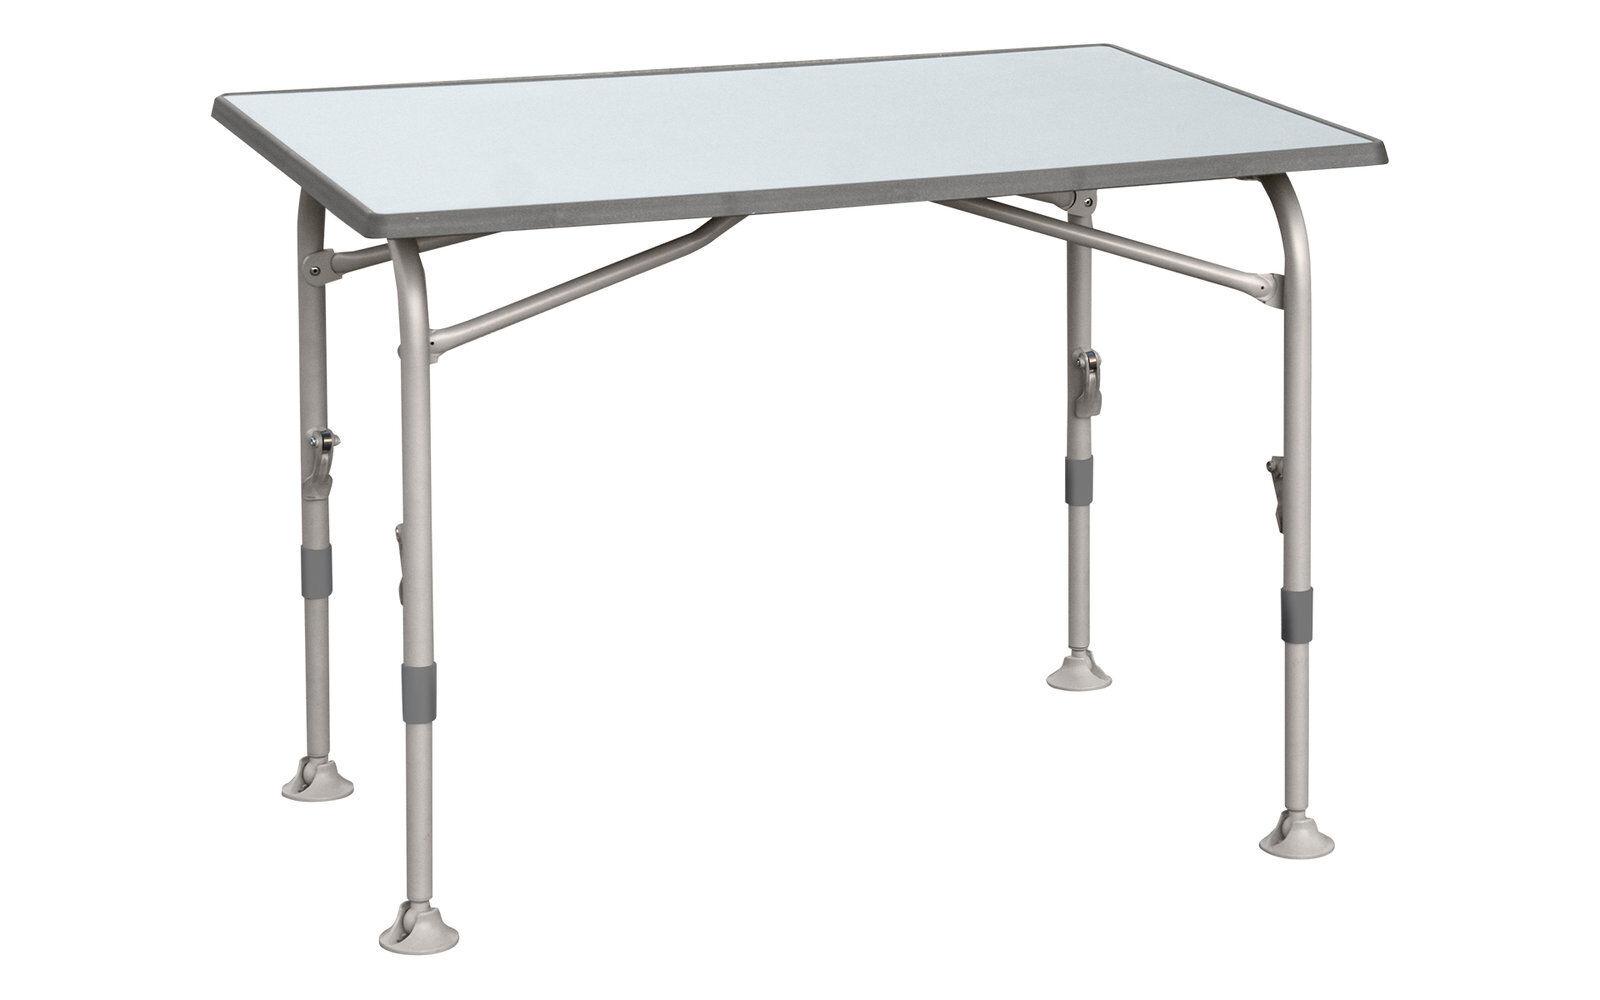 Berger Berger Berger Tisch Aluminium Campingtisch Klapptisch Falttisch Gartentisch Camping 7e5a23